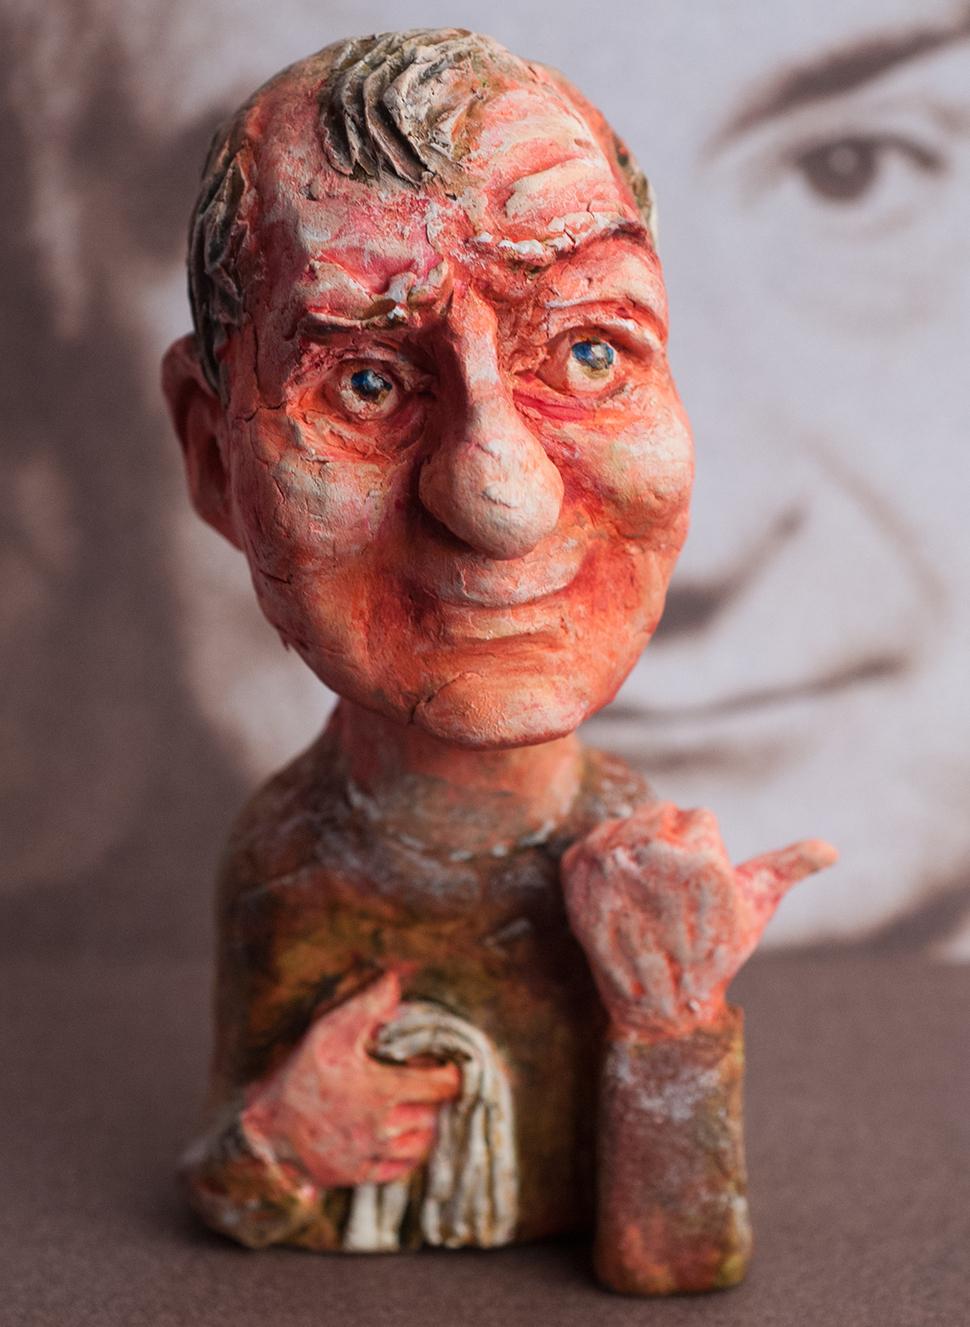 [나는 역사다] 10월12일의 사람, 더글러스 애덤스(1952~2001)